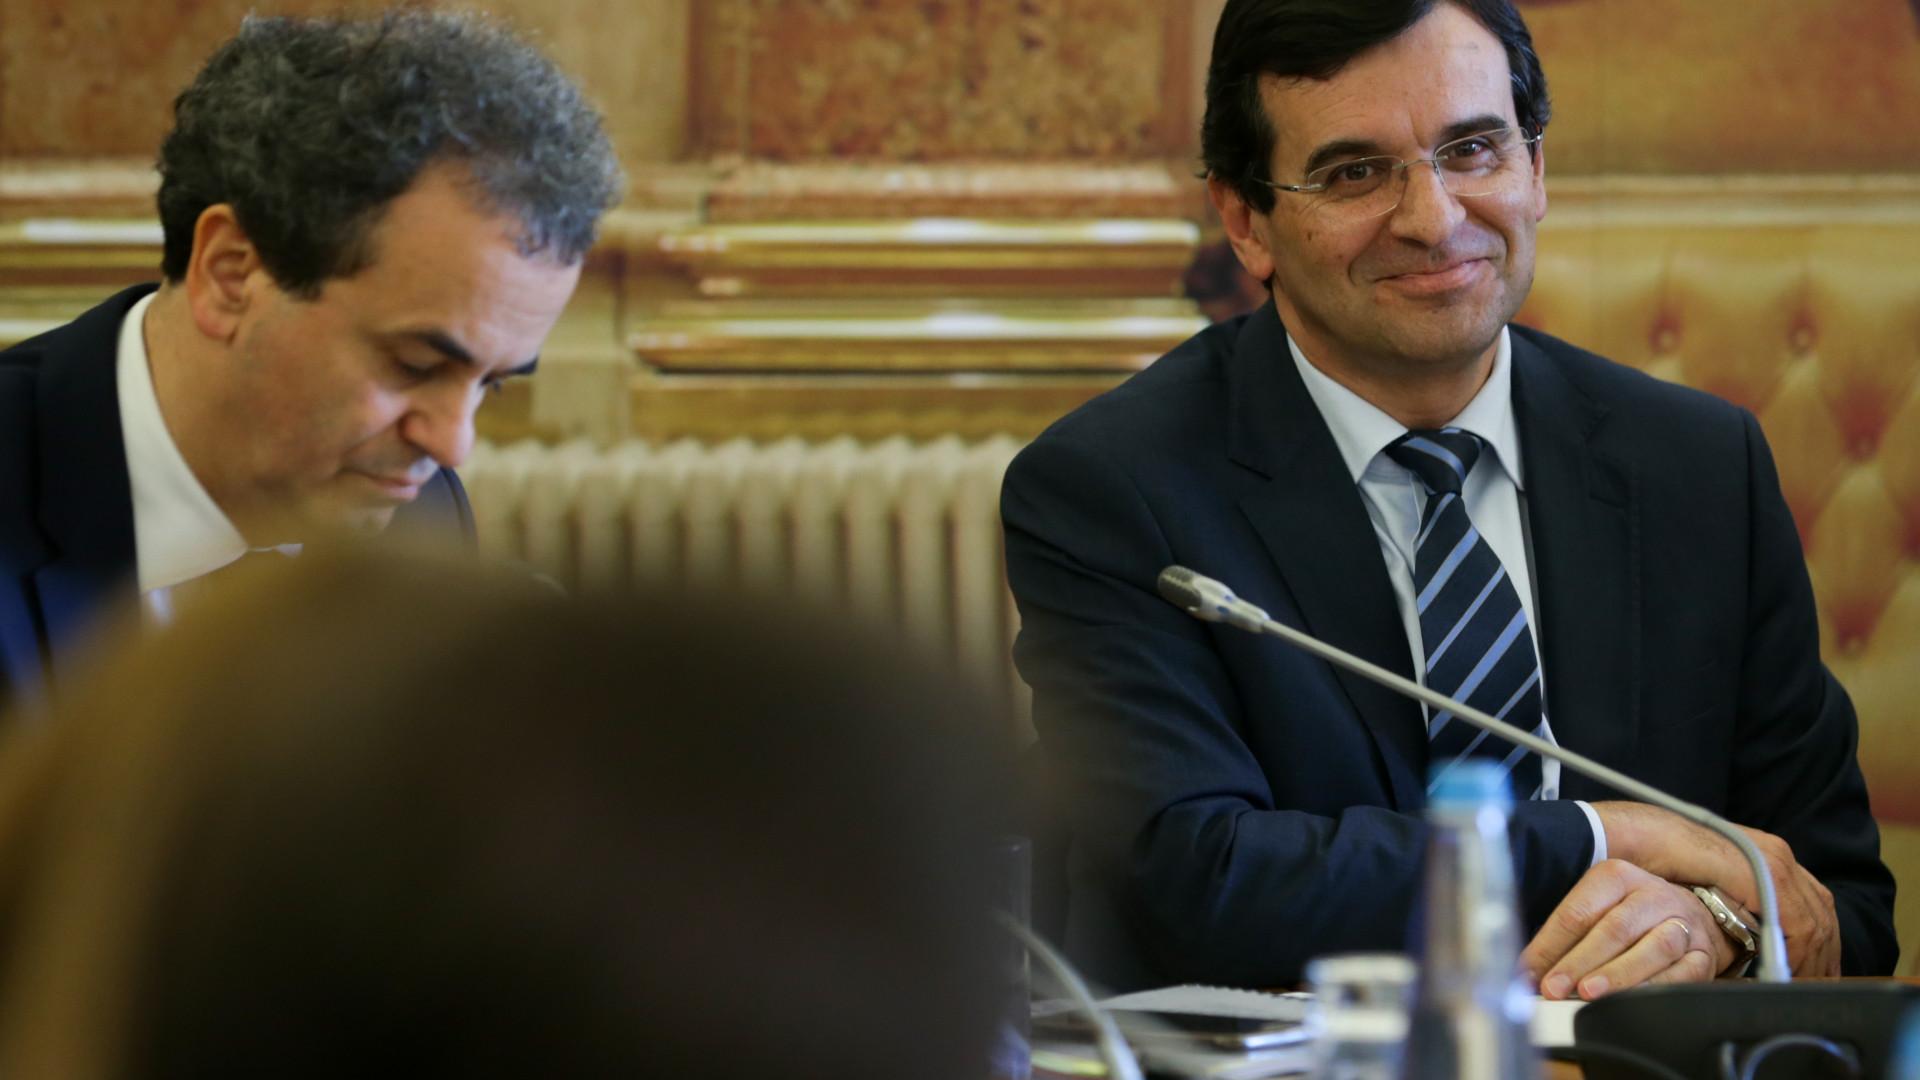 Legionella: Ministério Público travou divulgação de relatório sobre surto